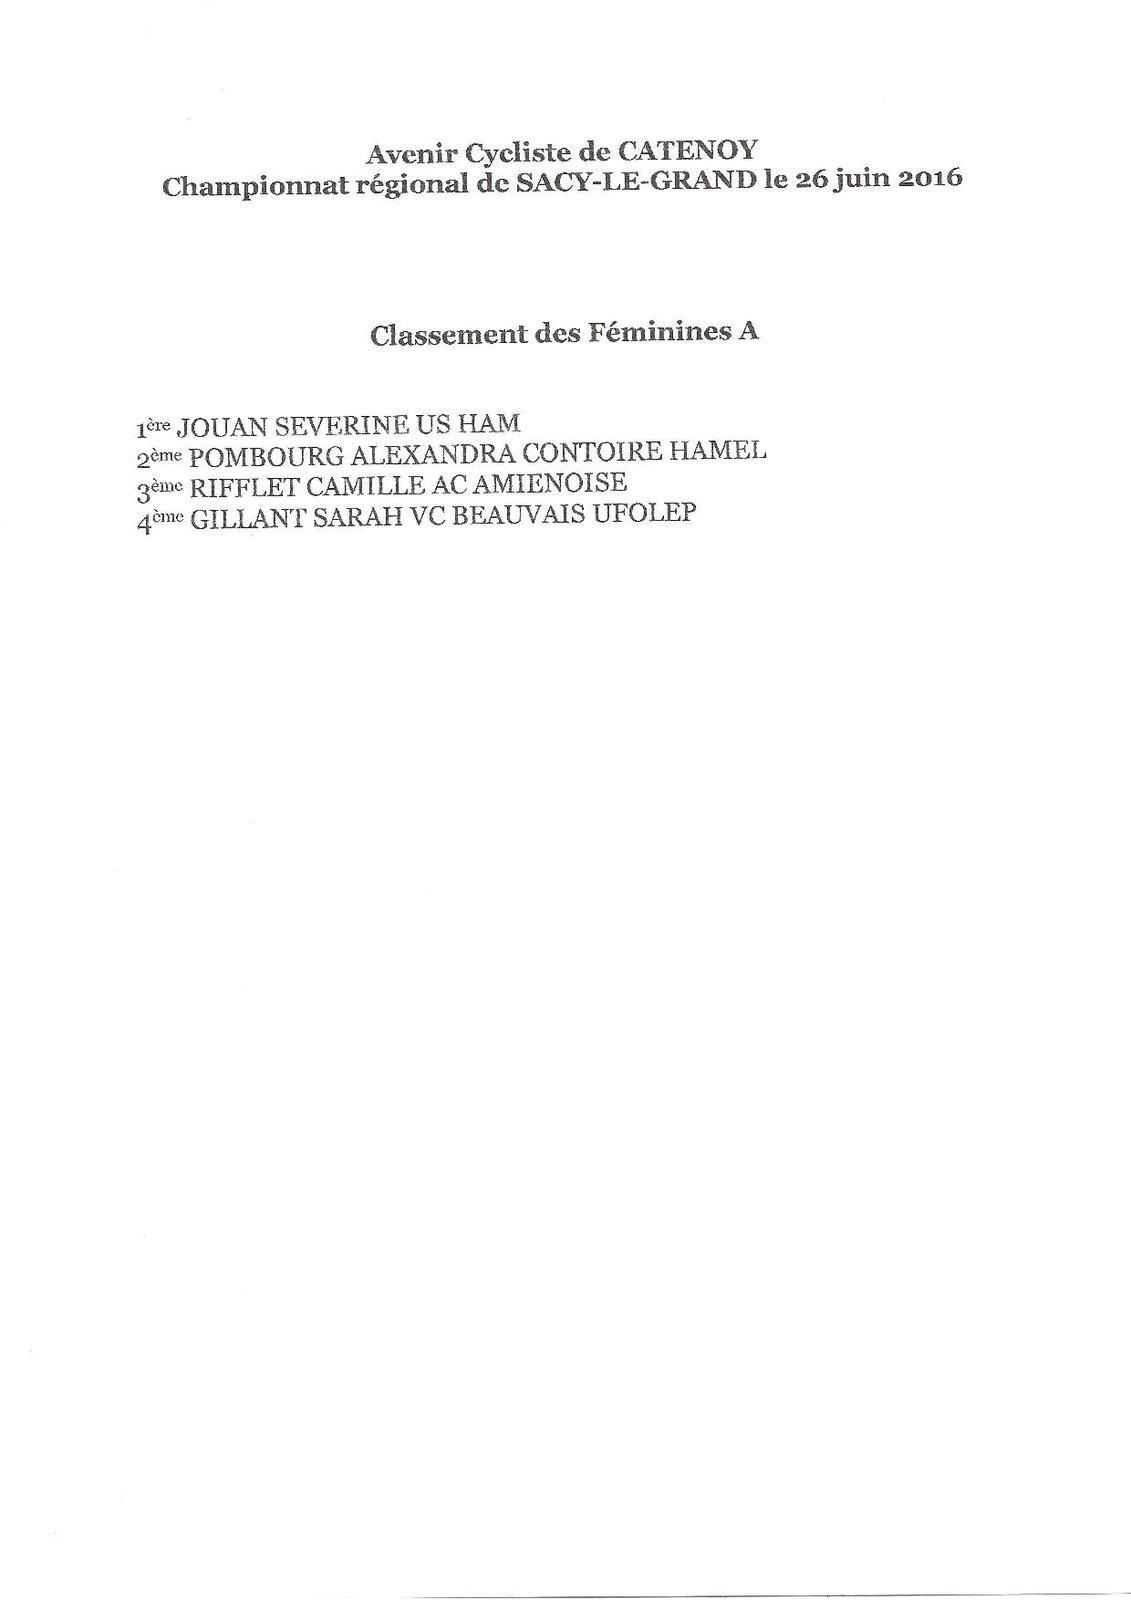 Résultats du Championnat Régional Cyclosport UFOLEP Aisne de SACY LE GRAND du 27/06/16